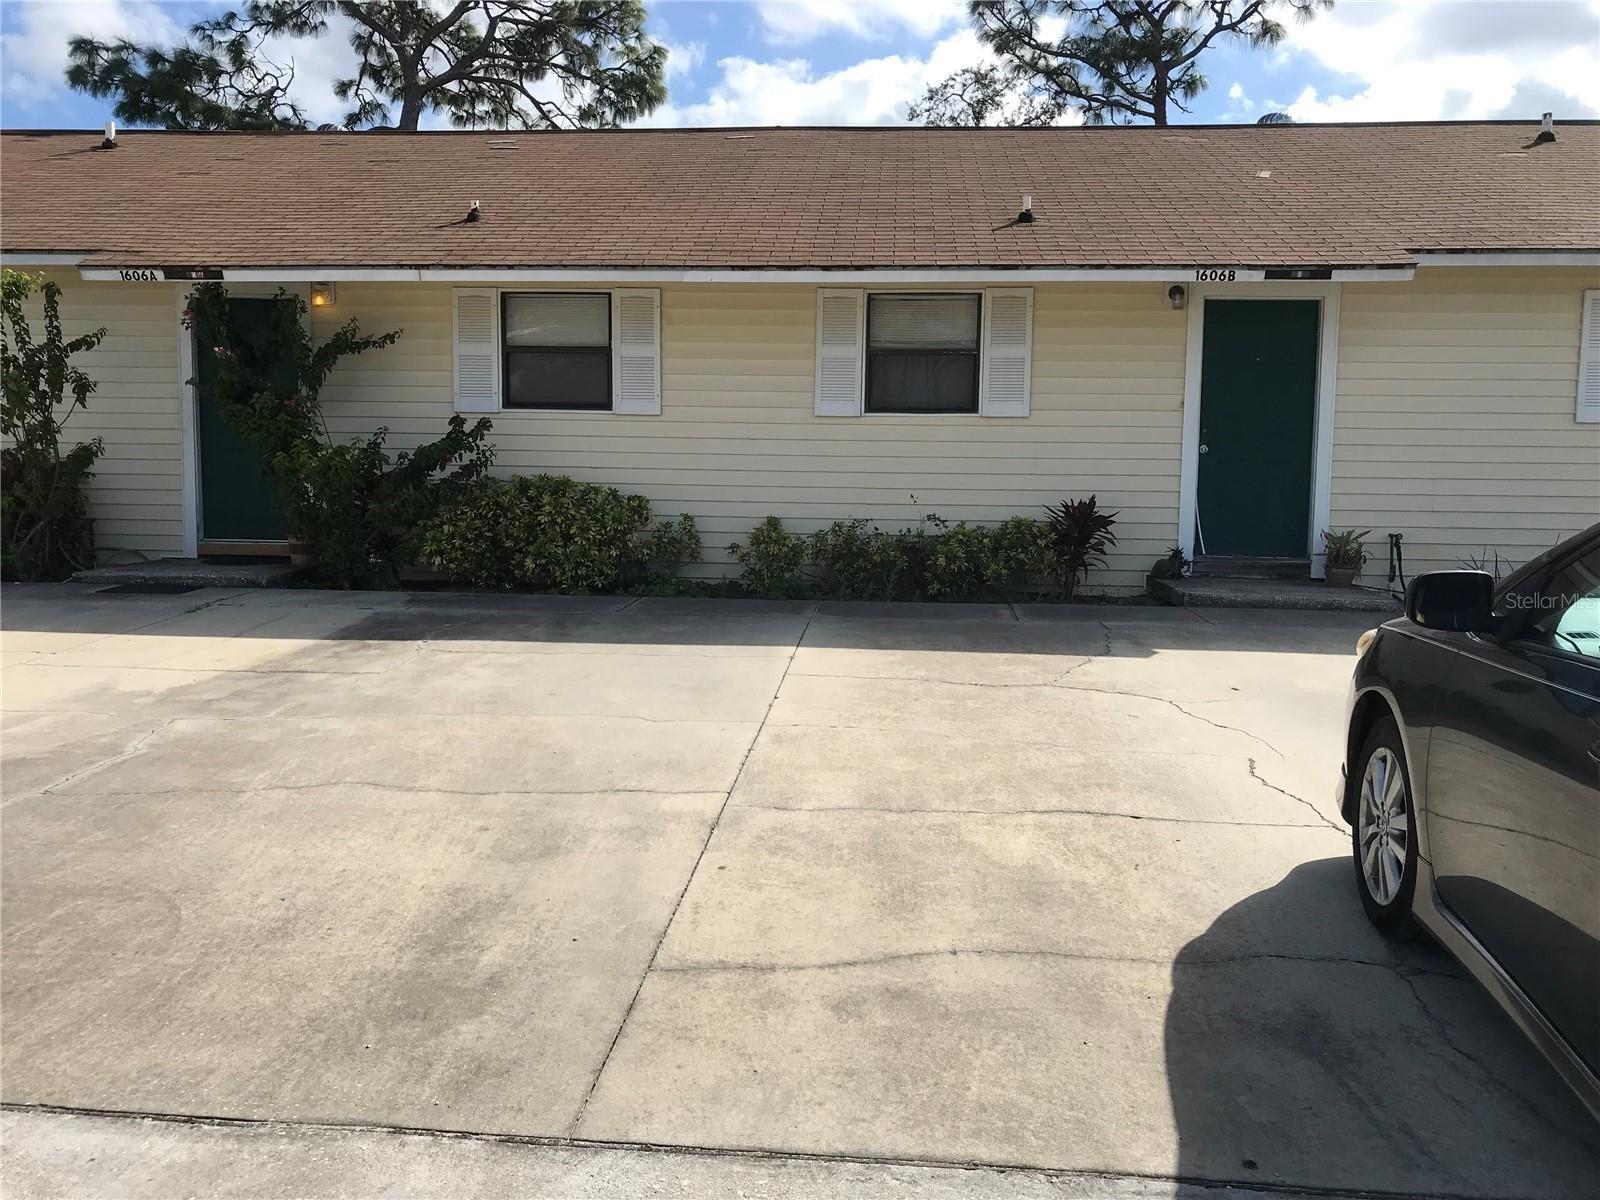 1606 DIXIE HIGHWAY, Tarpon Springs, FL 34689 - #: U8138723